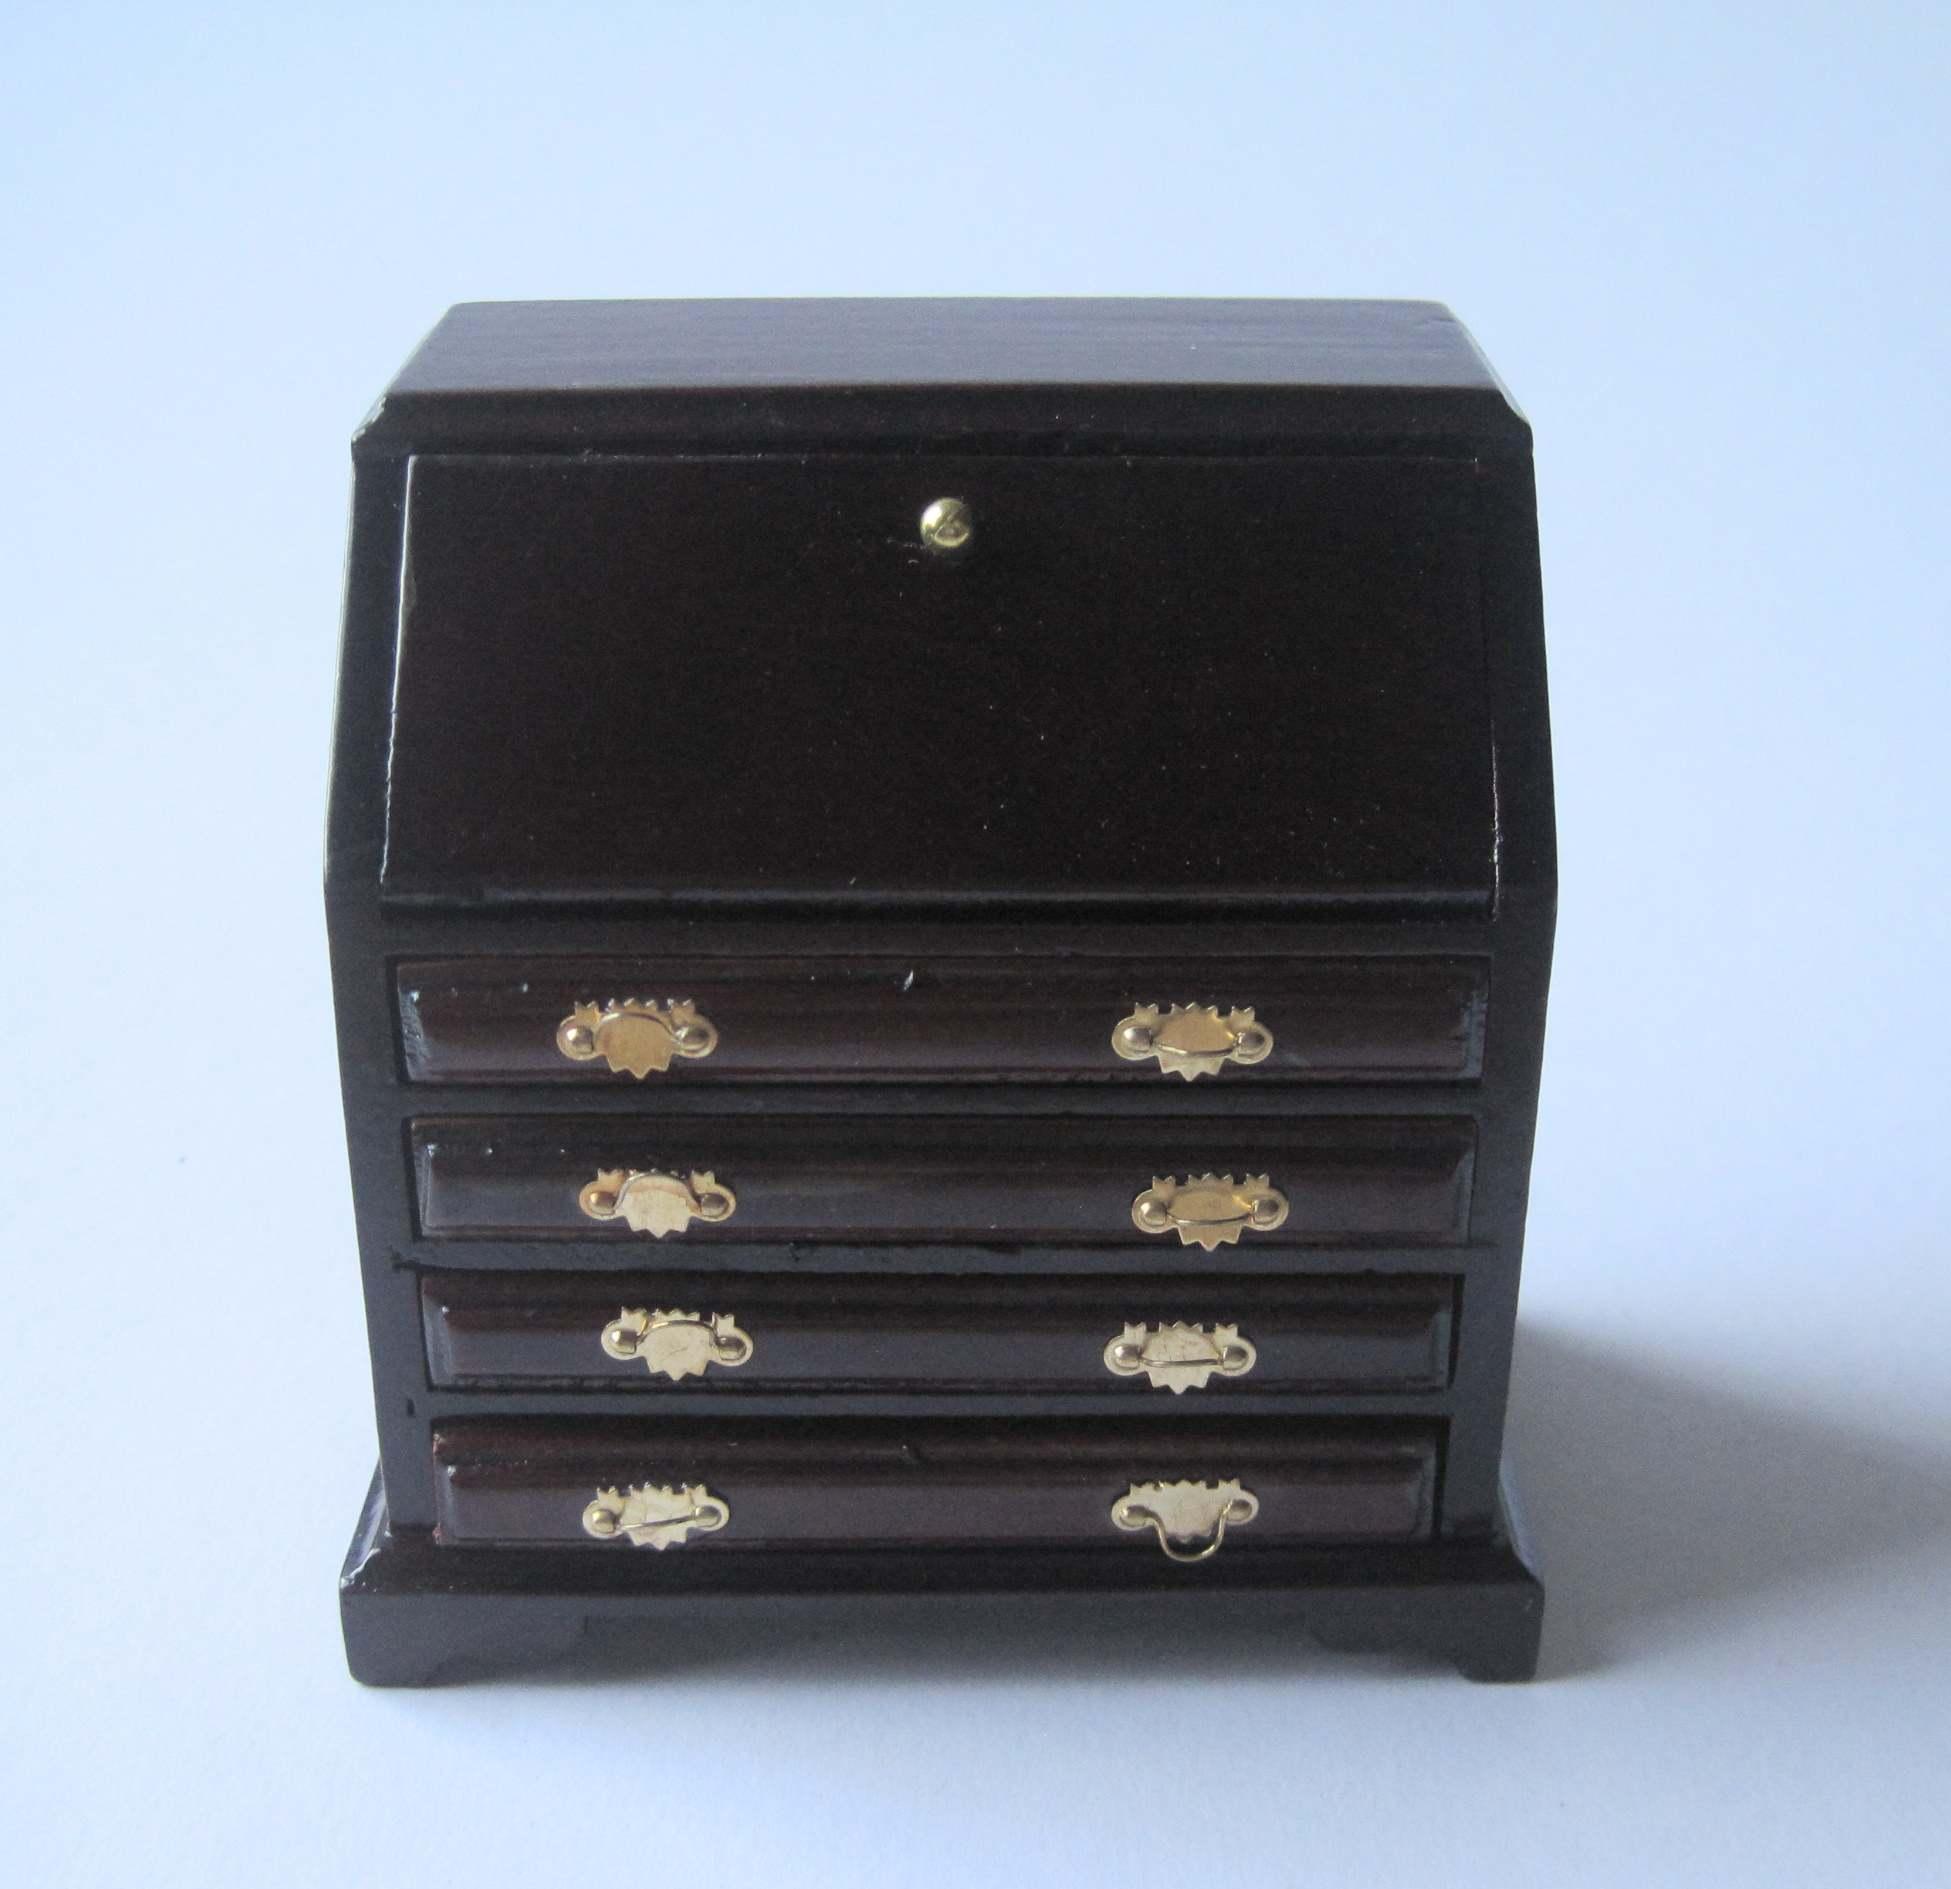 sekret r schreibtisch braun puppenhaus moebel wohnzimmer miniatur 1 12. Black Bedroom Furniture Sets. Home Design Ideas